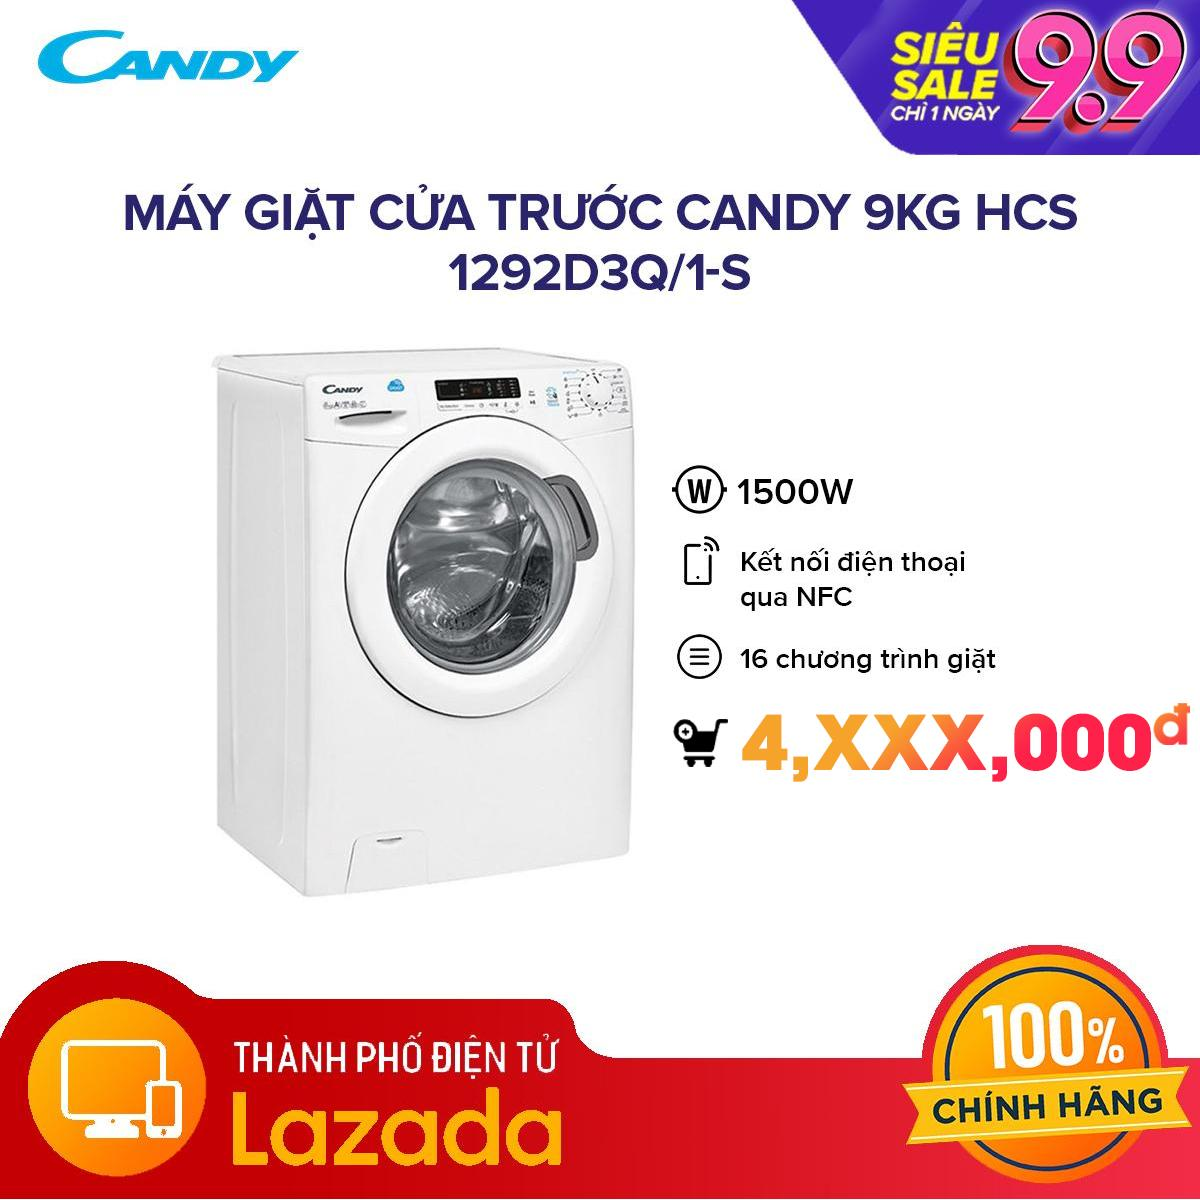 Máy giặt cửa trước Candy 9kg HCS 1292D3Q/1-S - Kết nối thông minh NFC với Smart Phone điều khiển chế độ giặt